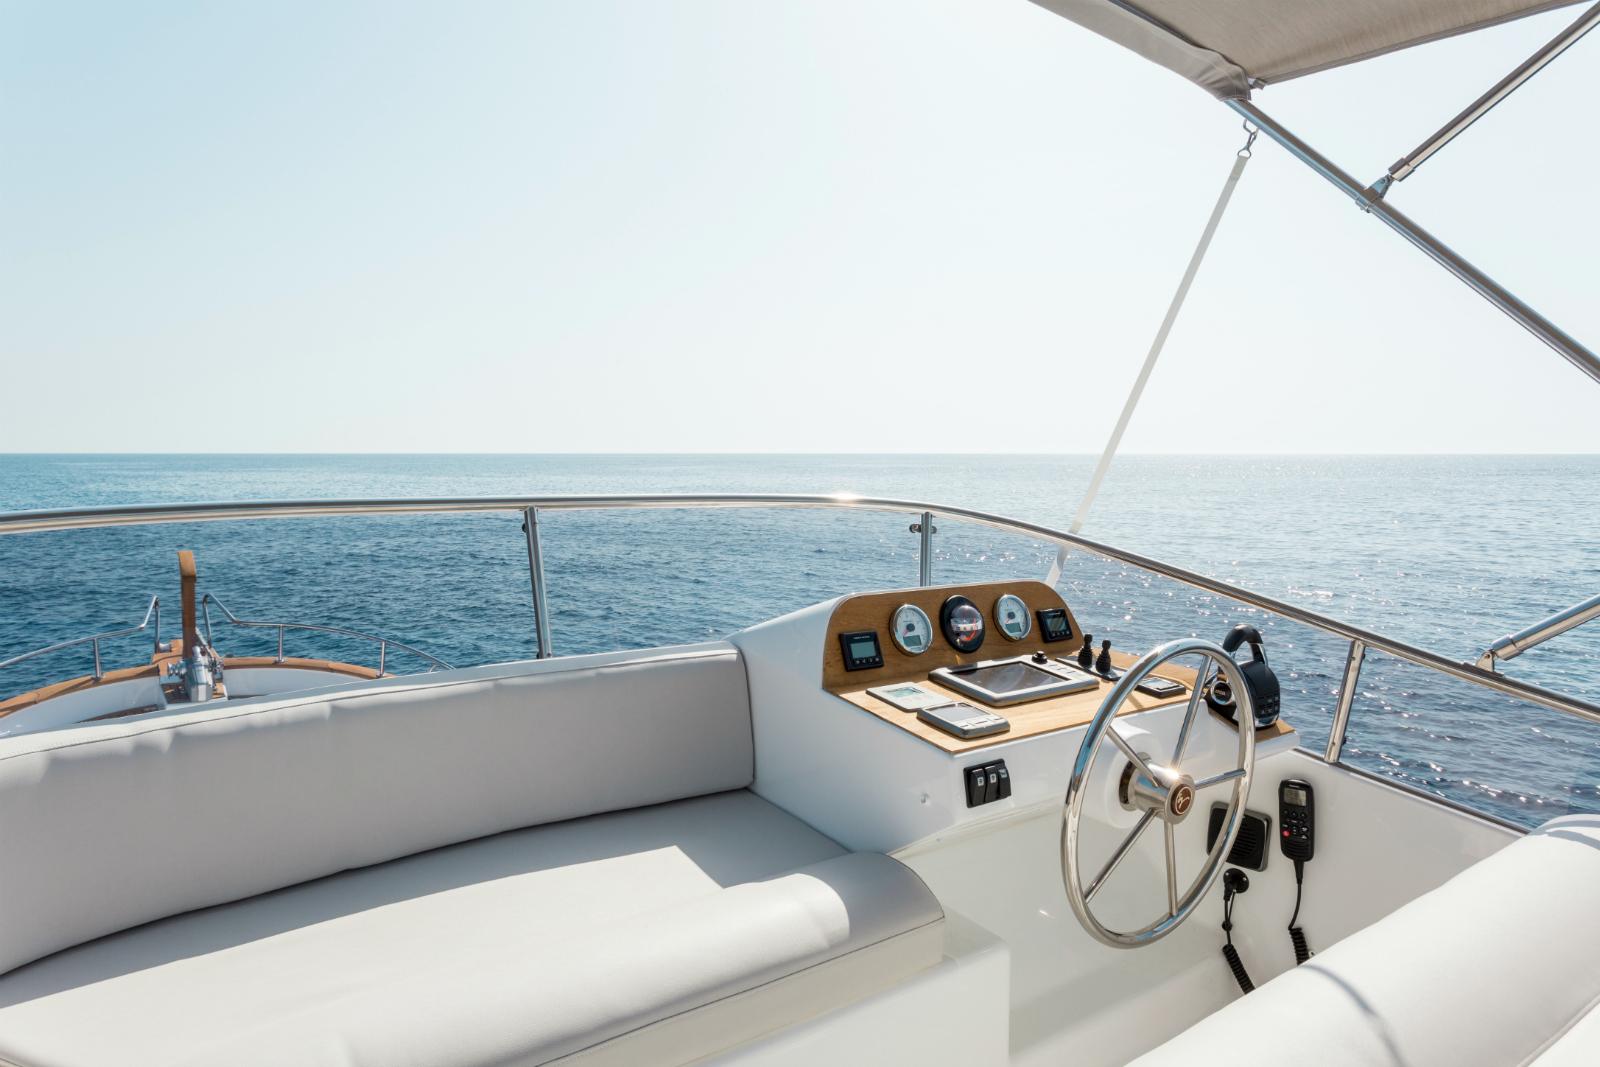 Minorca Islander 42 flybridge yacht for sale - Flybridge Helm